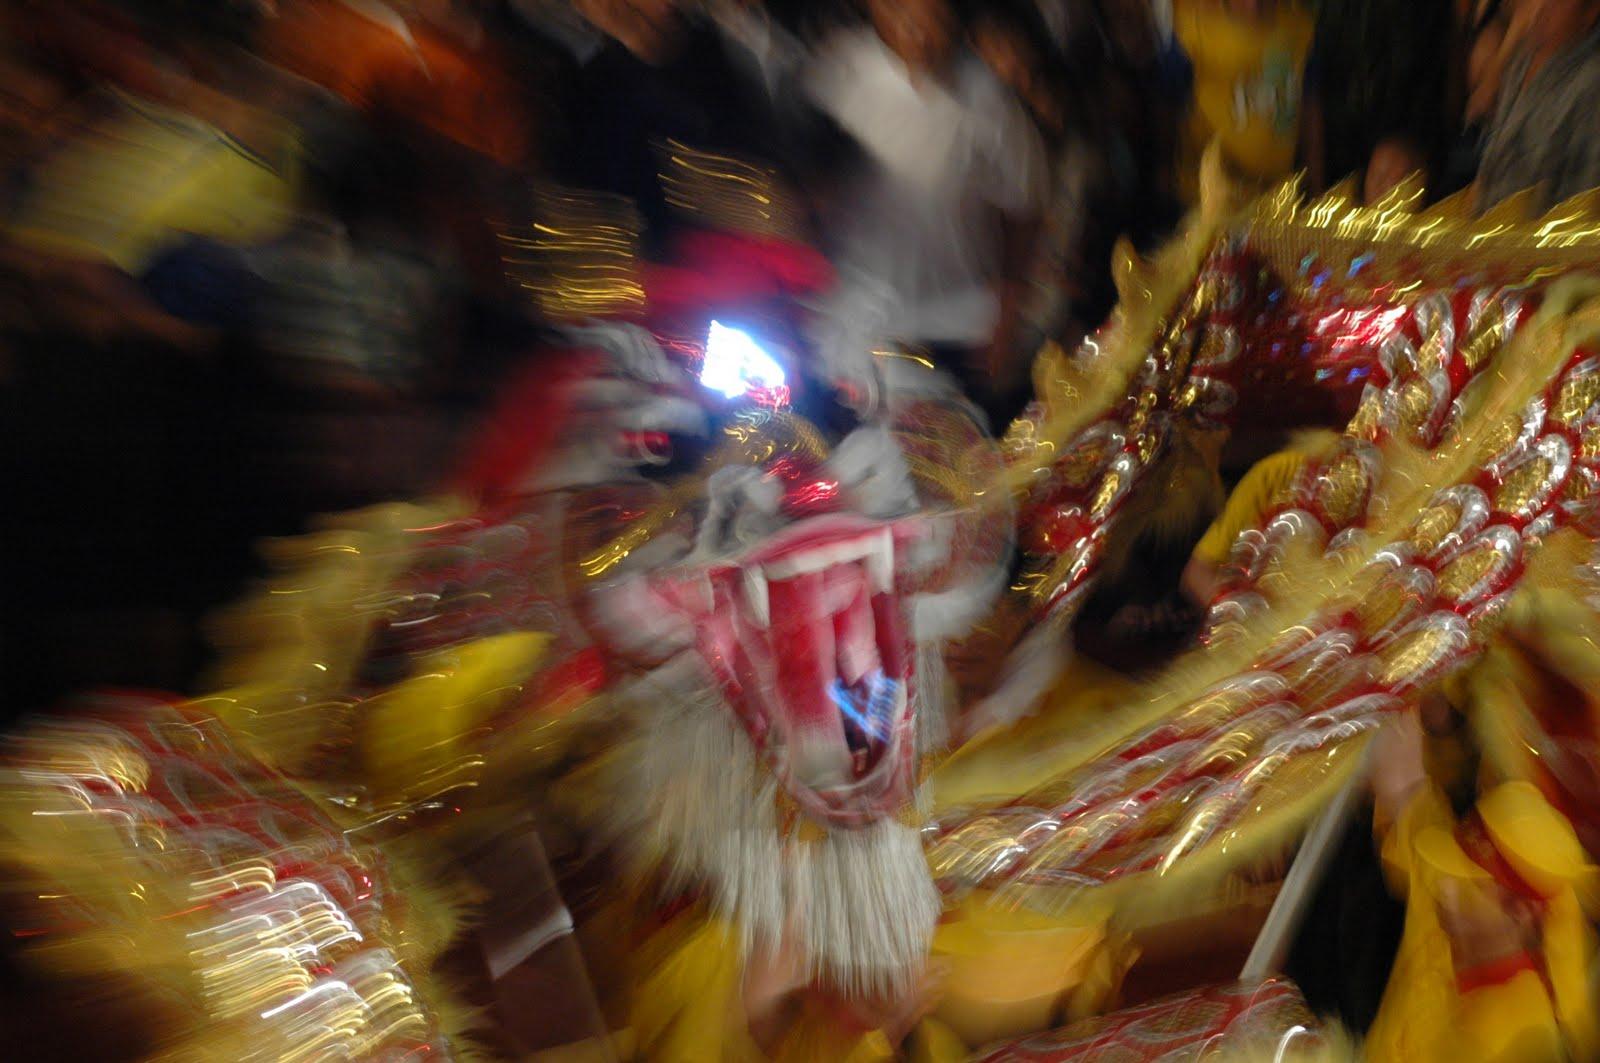 ... HUT Kongco Hok Tek Tjing Sien, di Kelenteng Siu Hok Bio, 19 Maret 2007